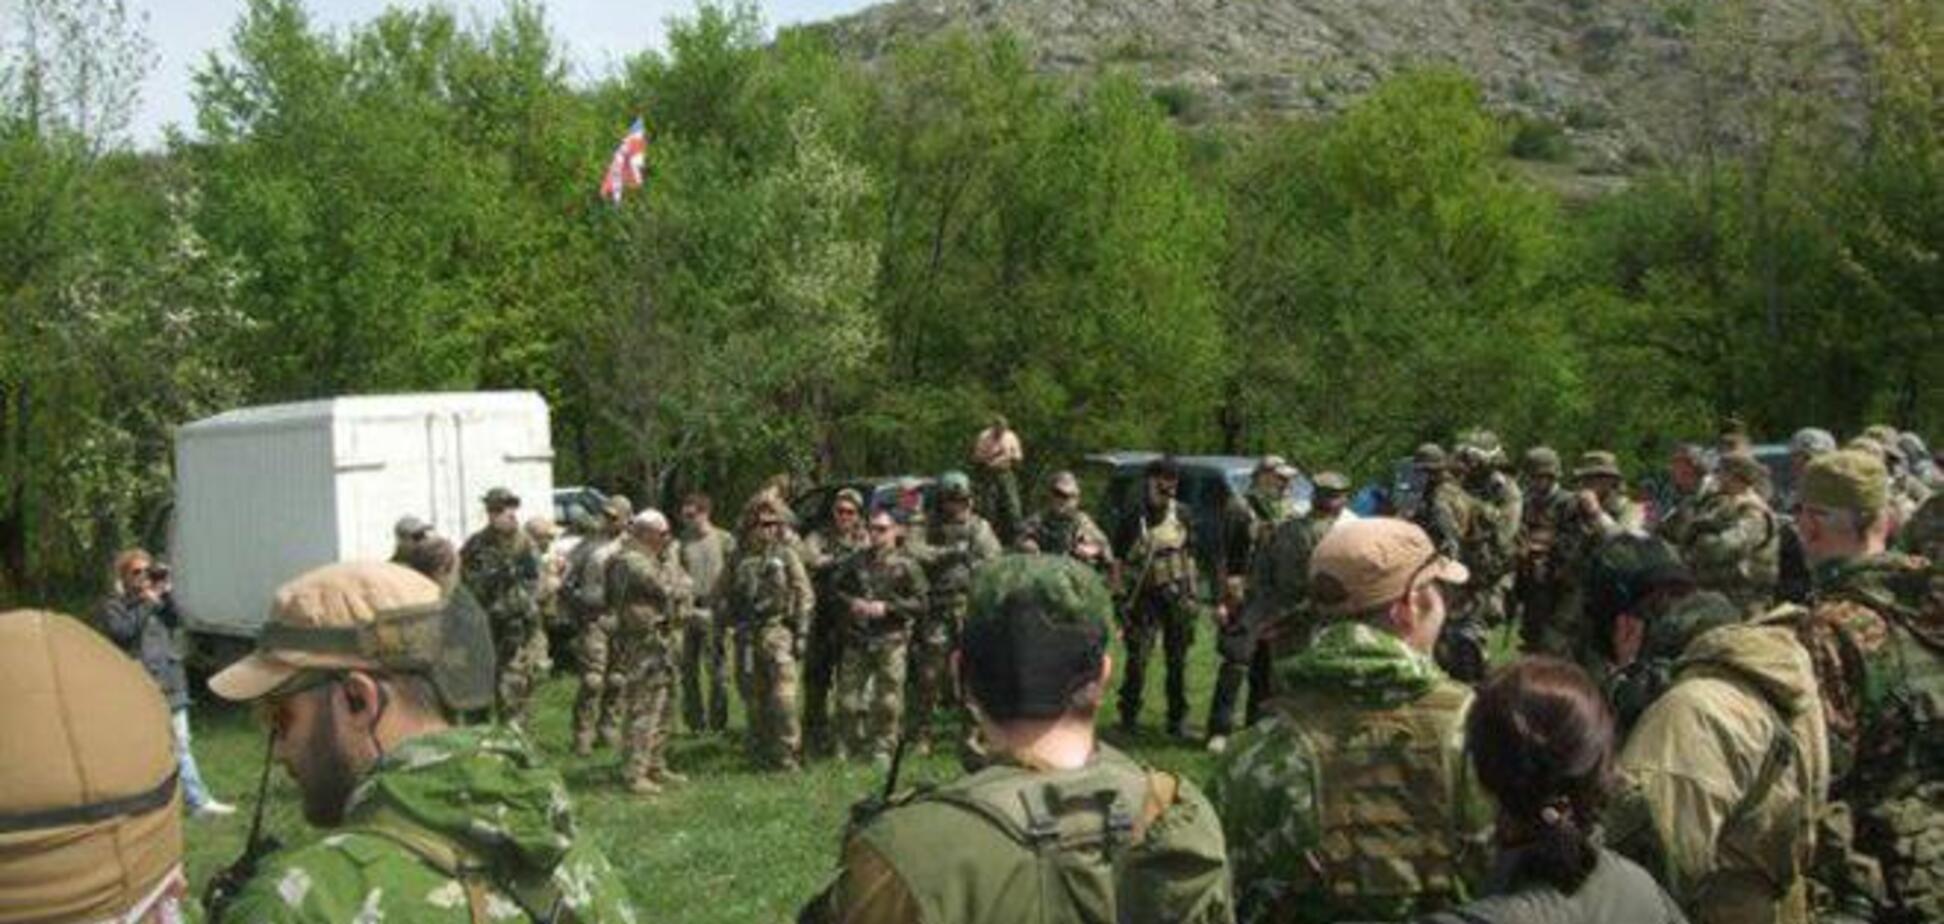 Боевиков 'Новороссии' готовили инструкторы с Кавказа в Крымских горах - журналист